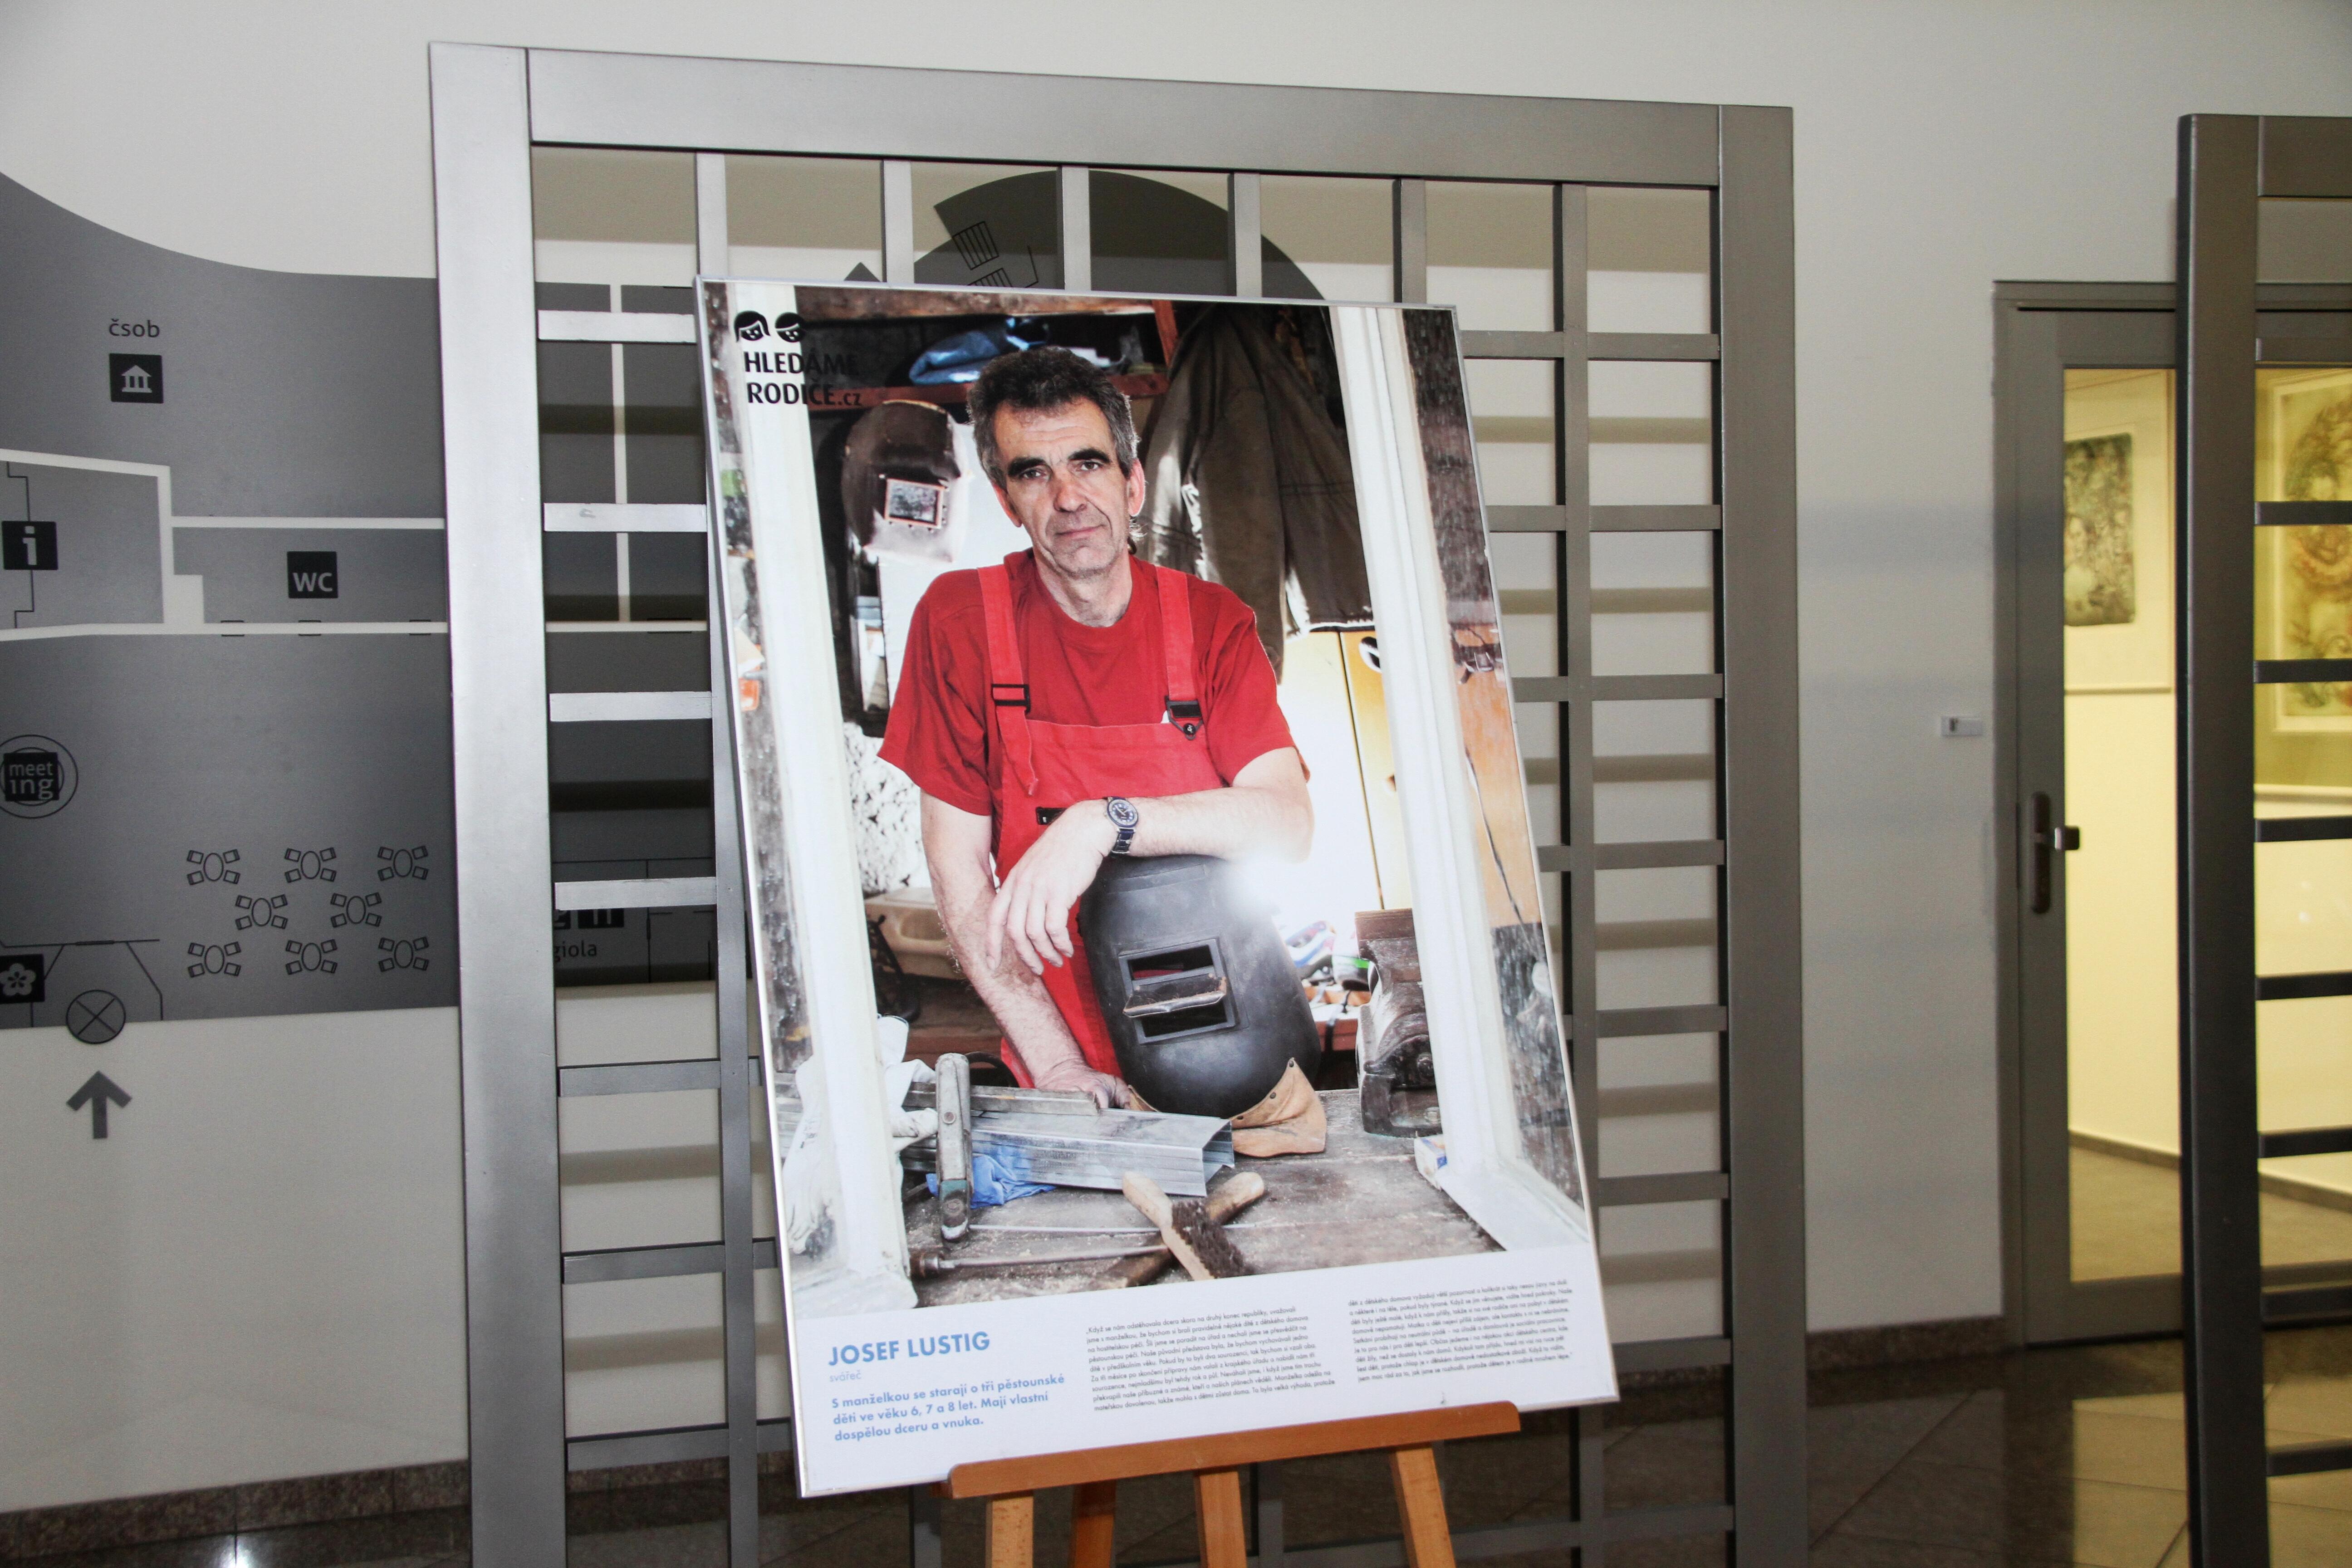 Výstava upozorňuje na téma náhradního rodičovství zdroj foto: OLK